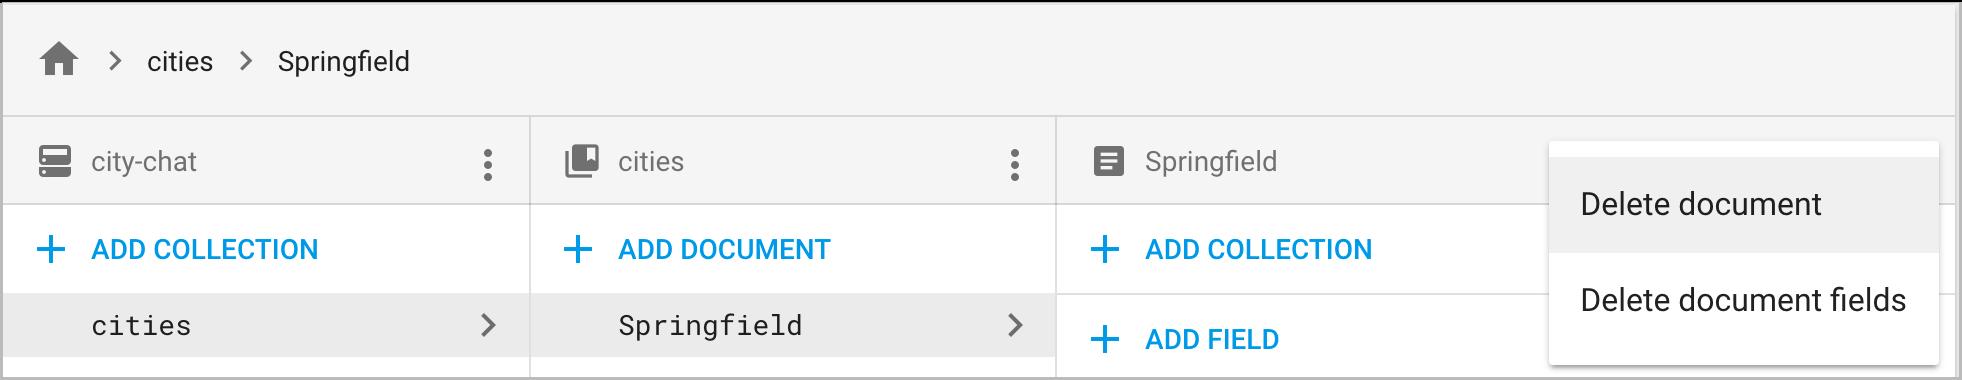 Haz clic en Borrar documento o Borrar los campos del documento en el menú contextual de la columna de detalles del documento